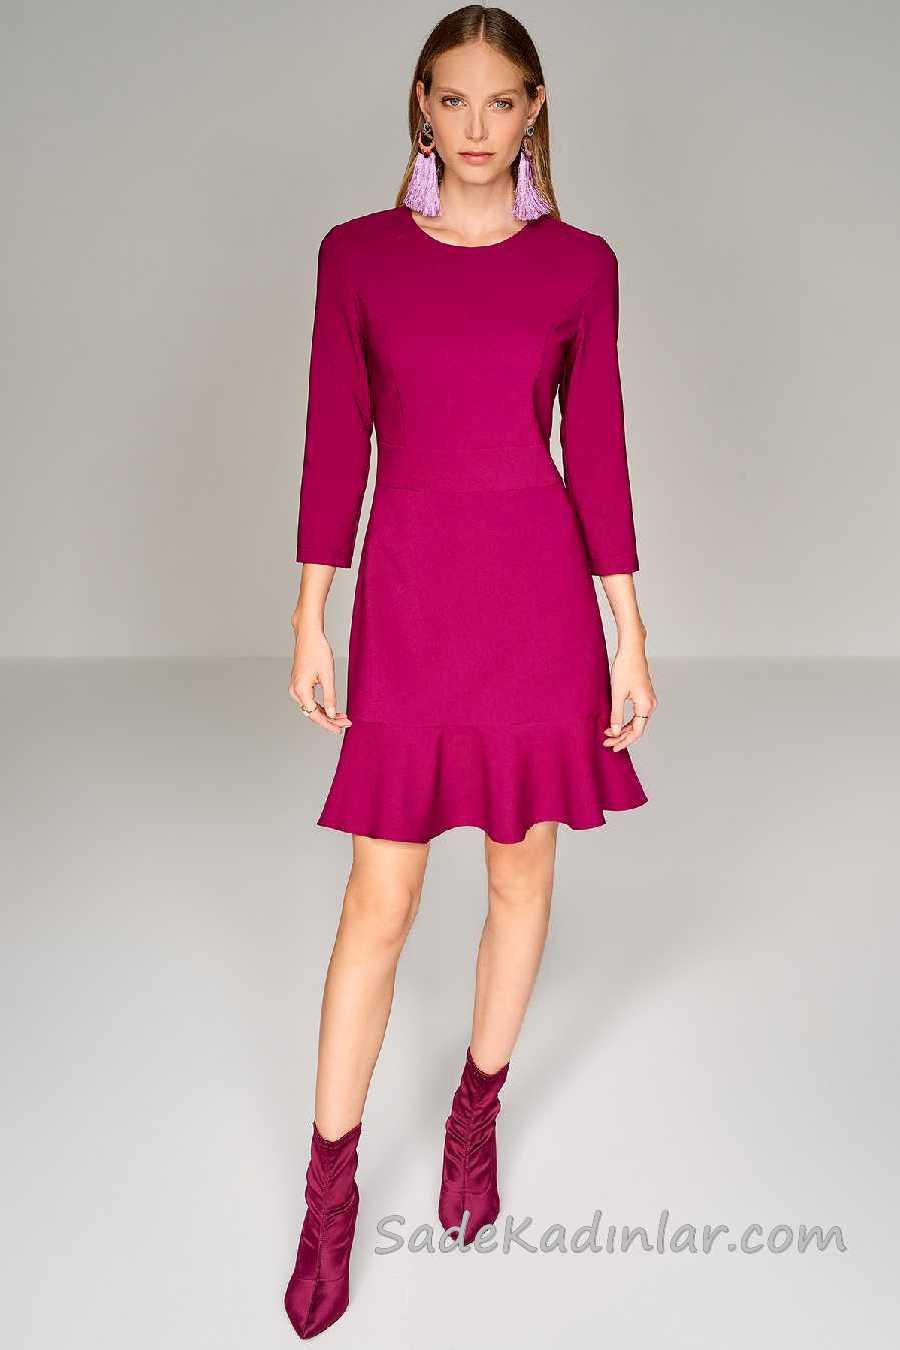 2020 Mürdüm Abiye Elbise Modelleri Kısa Uzun Kollu Eteği Fırfır Detaylı